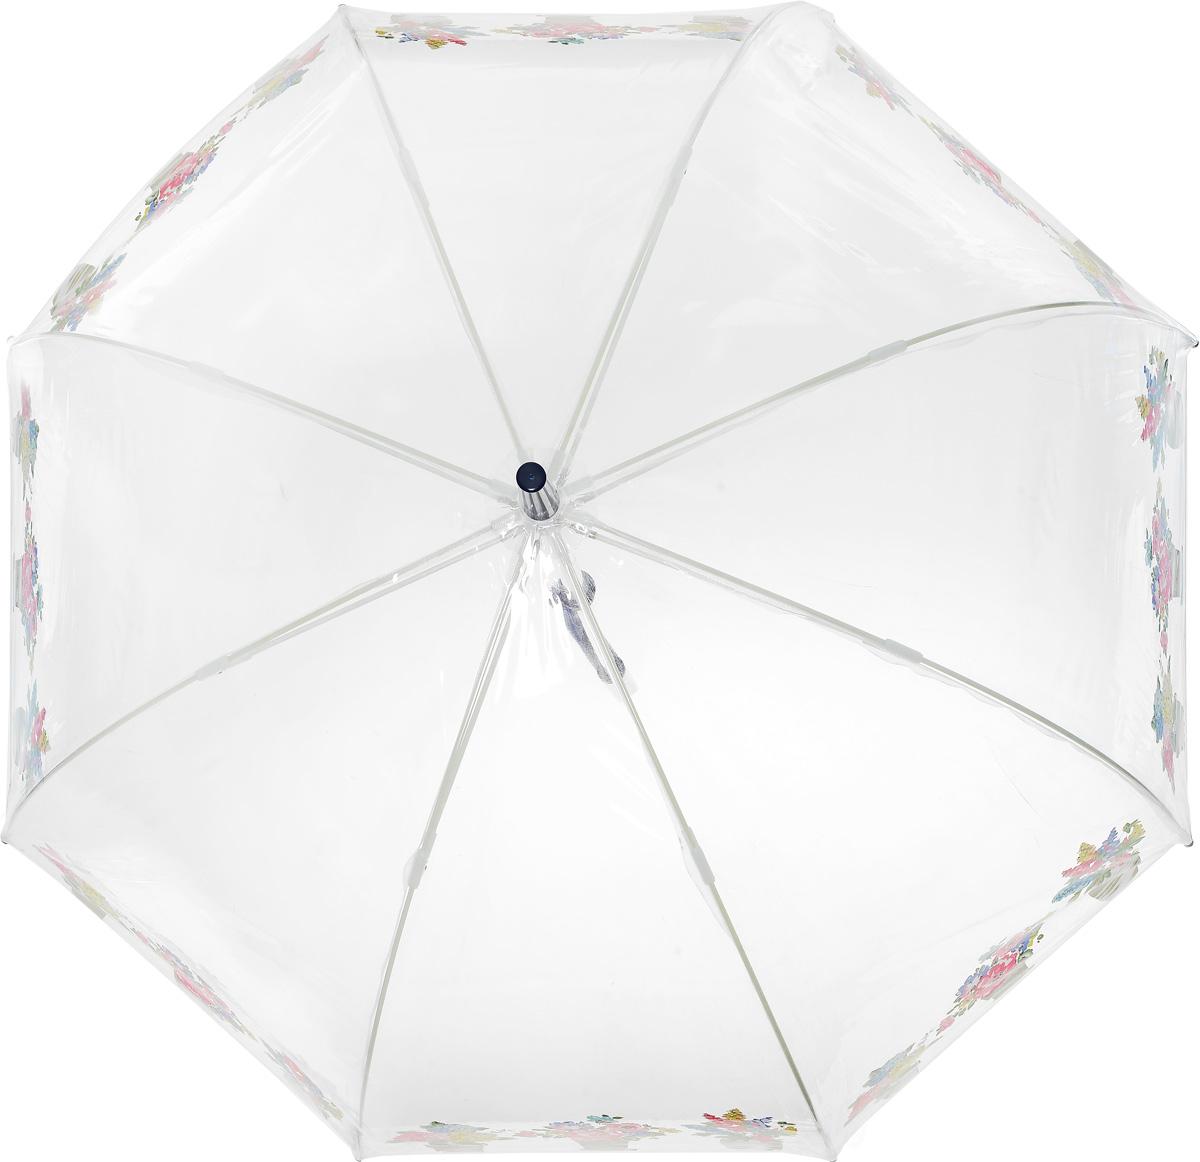 Зонт-трость женский Cath Kidston Birdcage, механический, цвет: прозрачный. L546-3145REM12-CAM-REDBLACKНеобычный механический зонт-трость Cath Kidston Birdcage даже в ненастную погоду позволит вам оставаться модной и элегантной. Каркас зонта включает 8 спиц из фибергласса с пластиковыми наконечниками. Стержень изготовлен из стали. Купол зонта выполнен из высококачественного прозрачного ПВХ и по краю оформлен принтом в виде цветочных горшков. Изделие дополнено удобной пластиковой рукояткой.Зонт механического сложения: купол открывается и закрывается вручную до характерного щелчка. Модель дополнительно застегивается с помощью хлястика на кнопку.Такой зонт не только надежно защитит вас от дождя, но и станет стильным аксессуаром, который идеально подчеркнет ваш неповторимый образ.